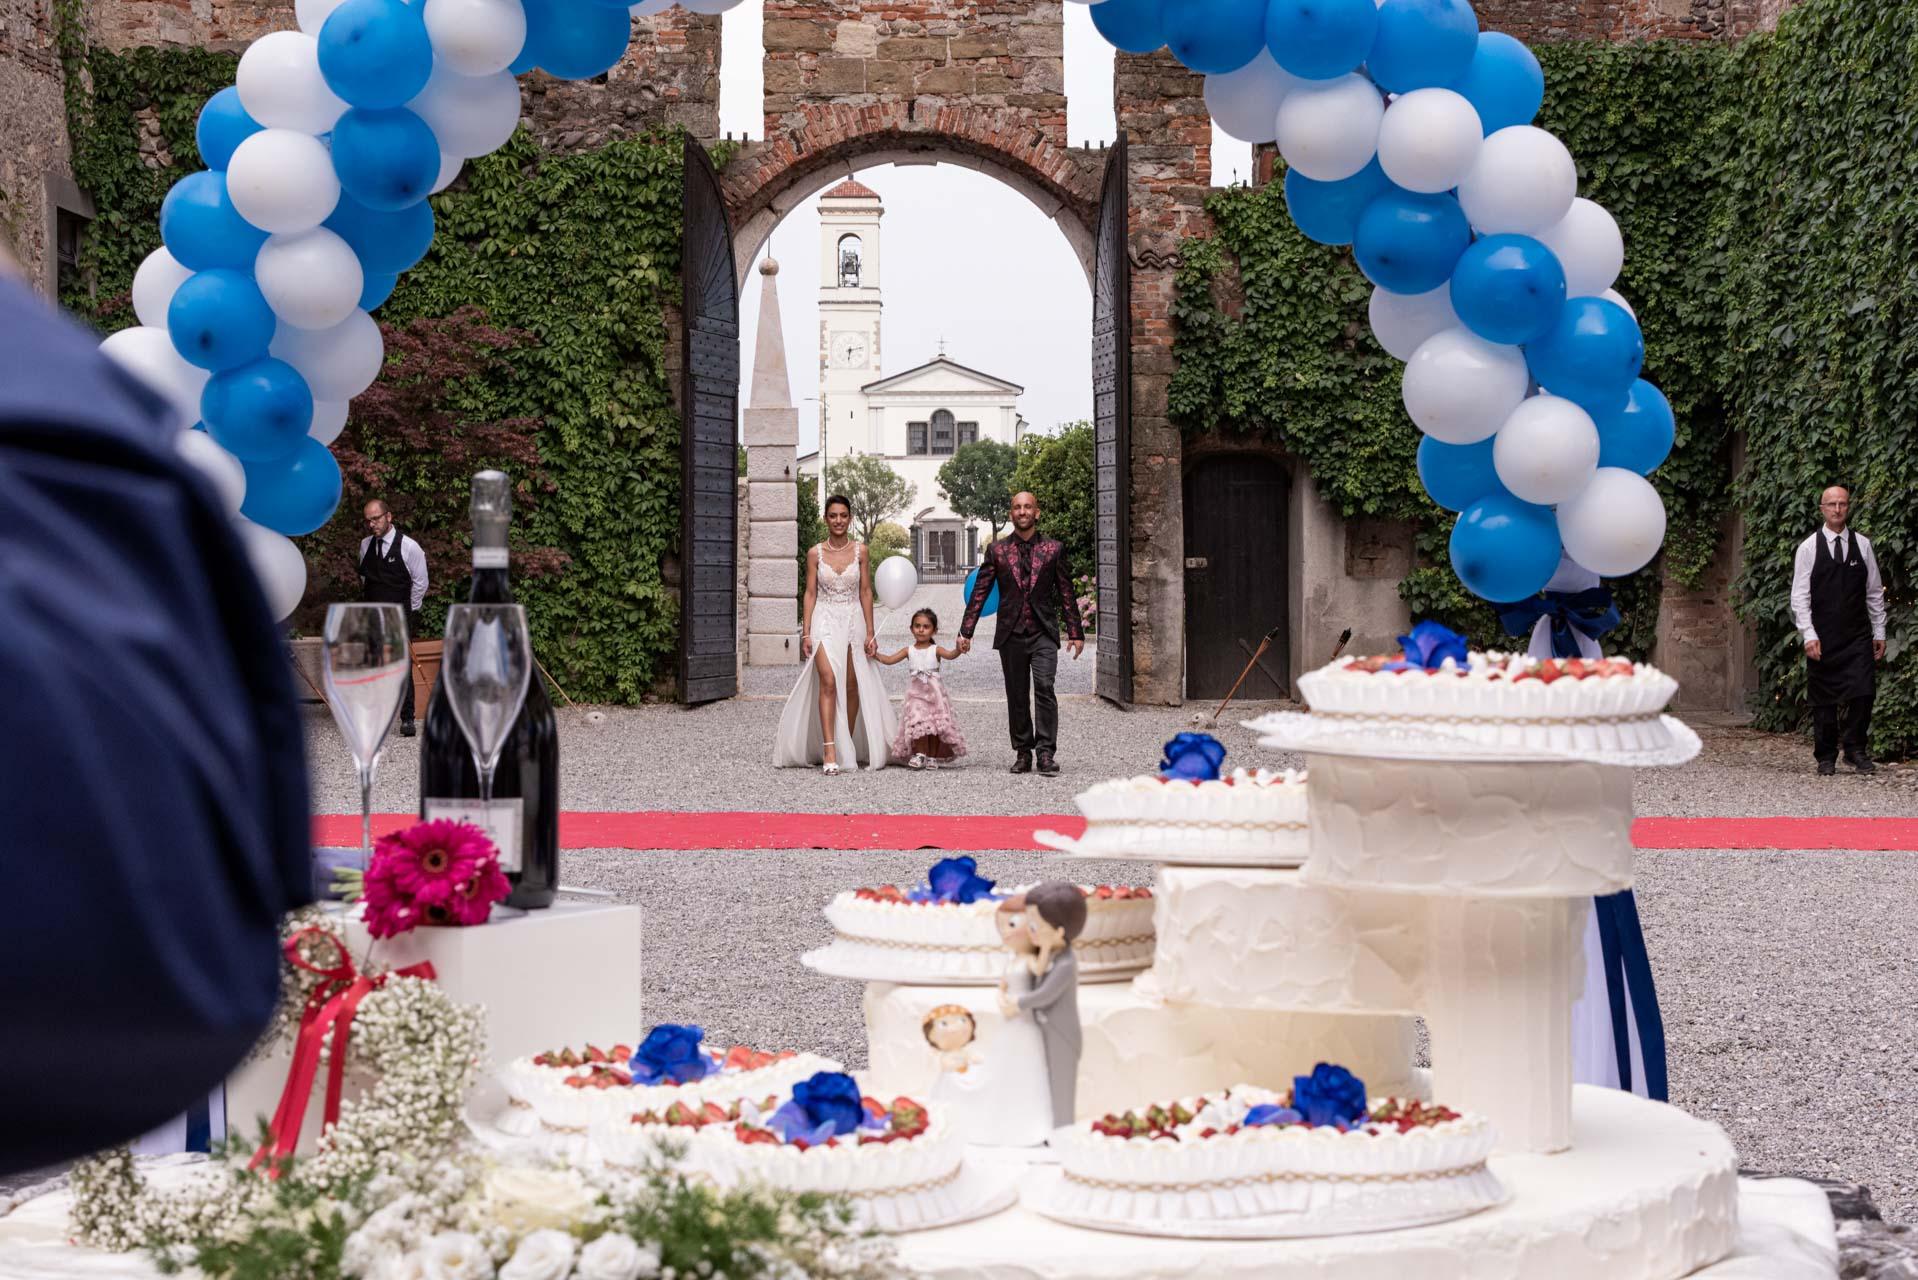 sposi matrimonio famiglia cortile interno torta